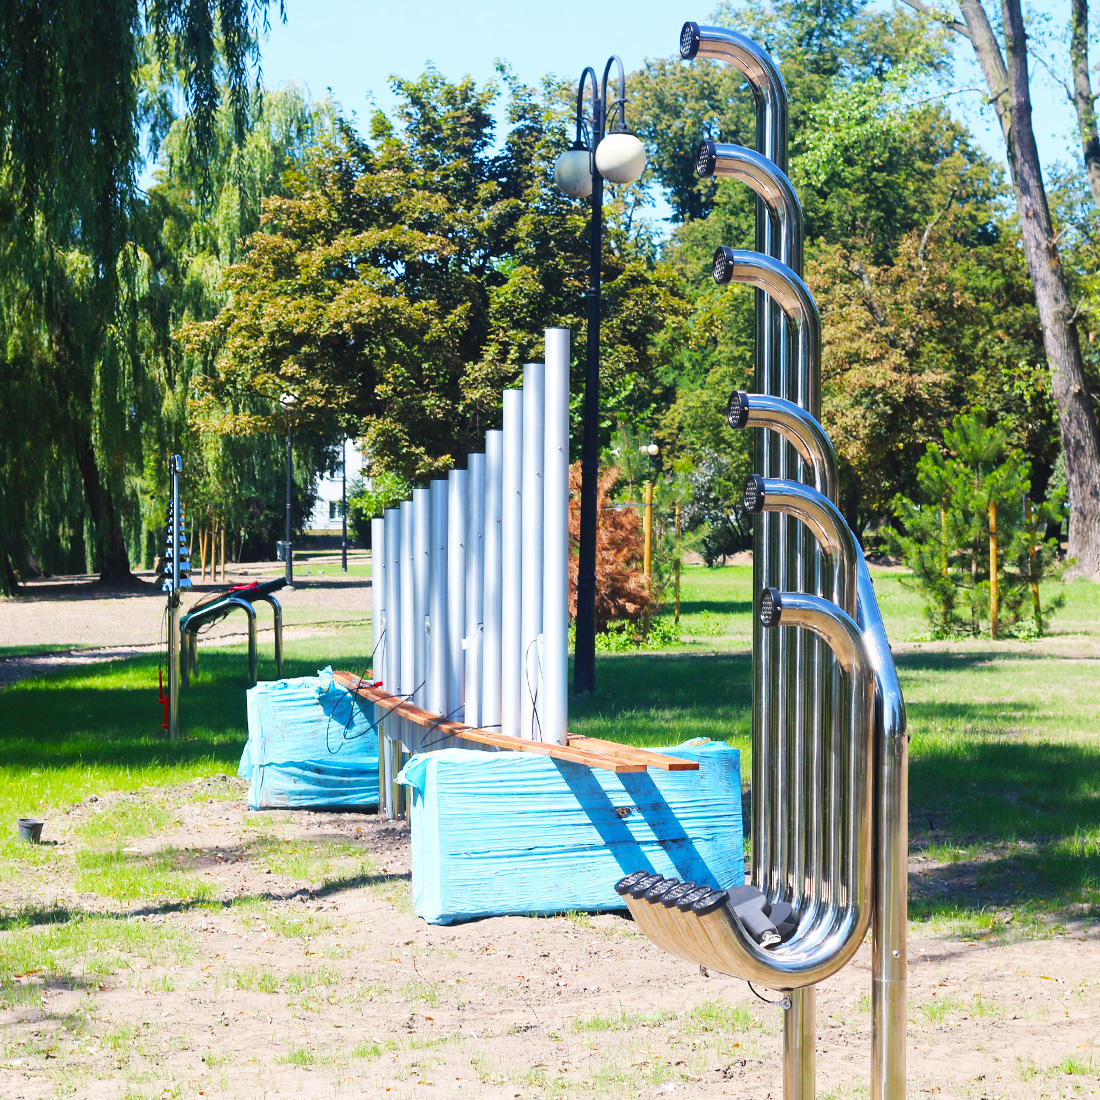 Parki miejskie w sochaczewie